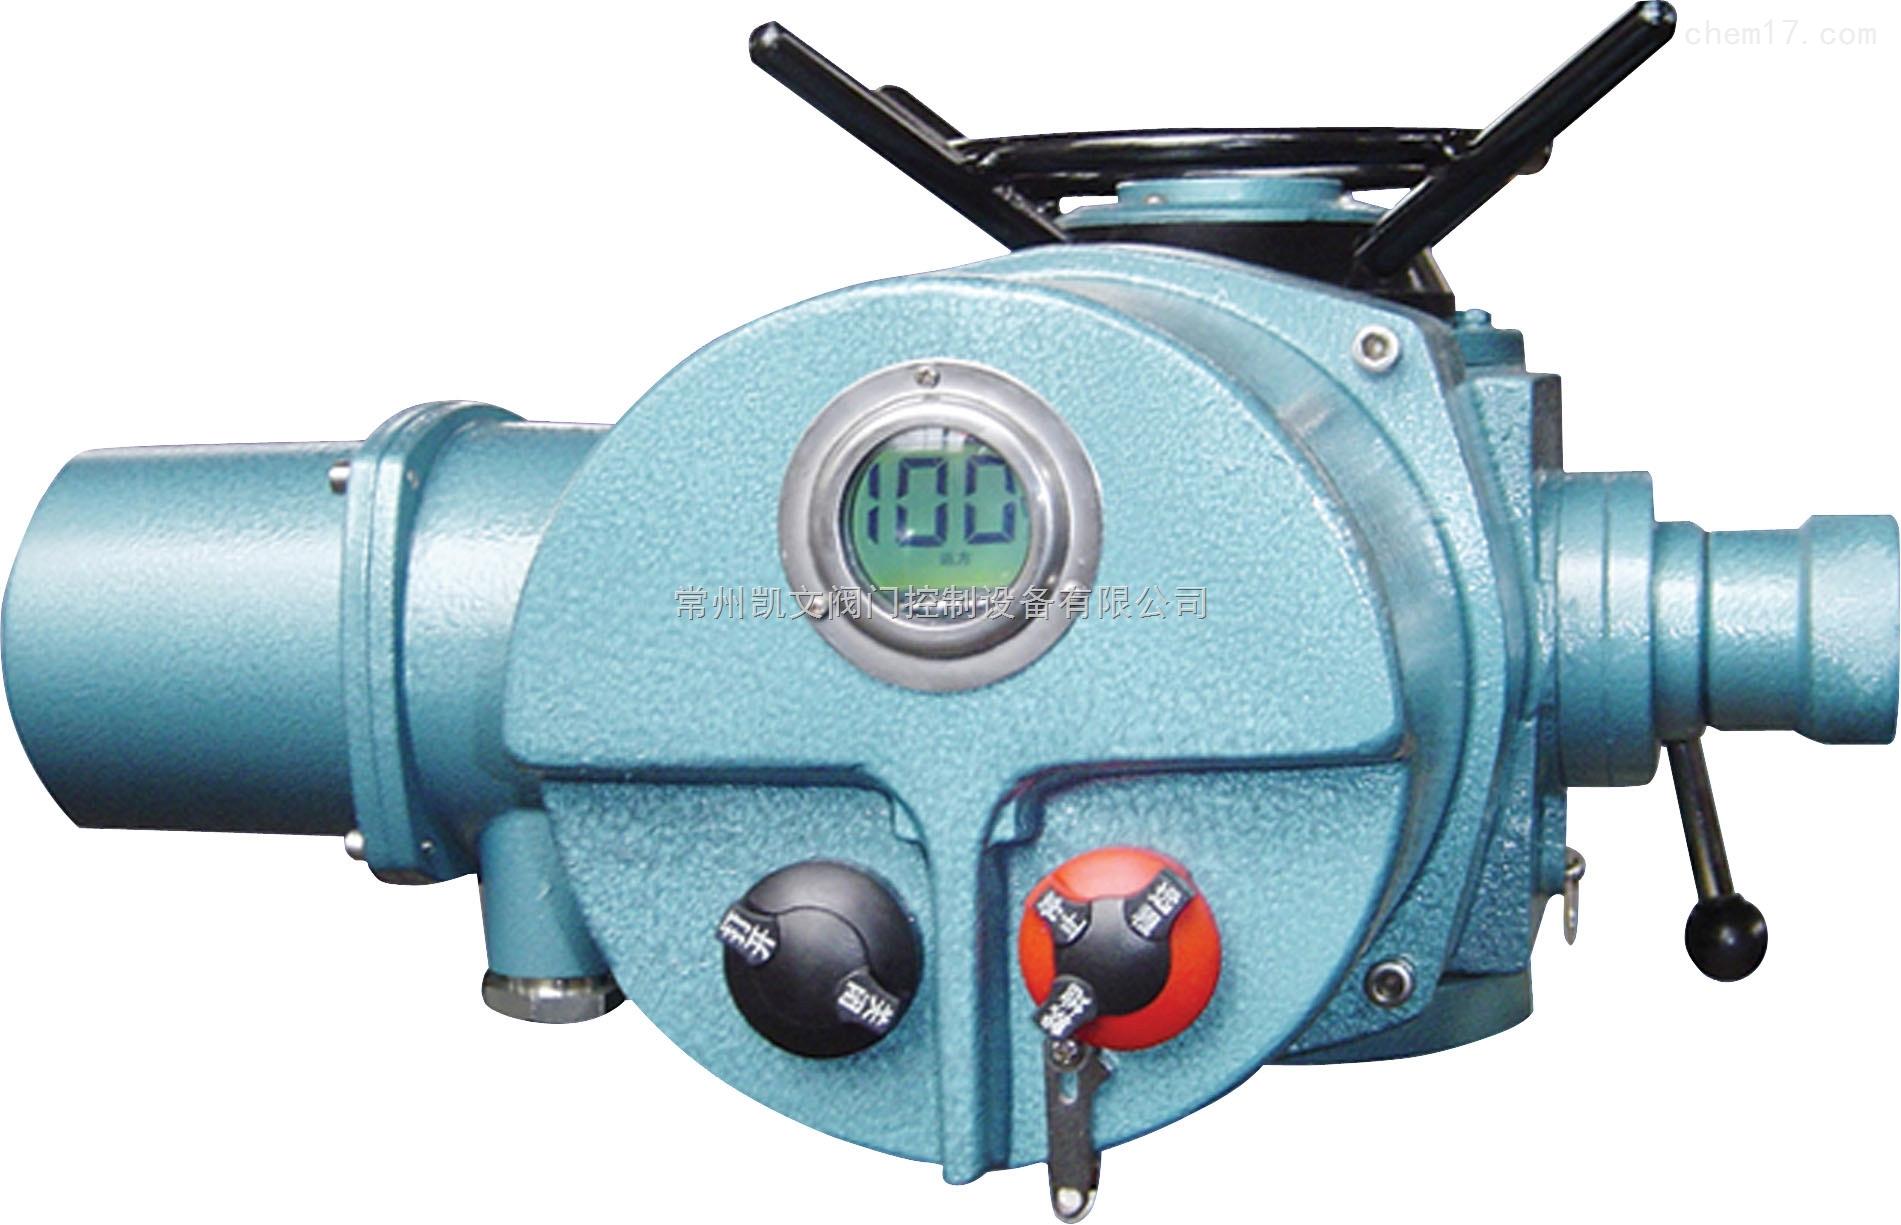 dzw5~500 dzw型多回转阀门电动装置